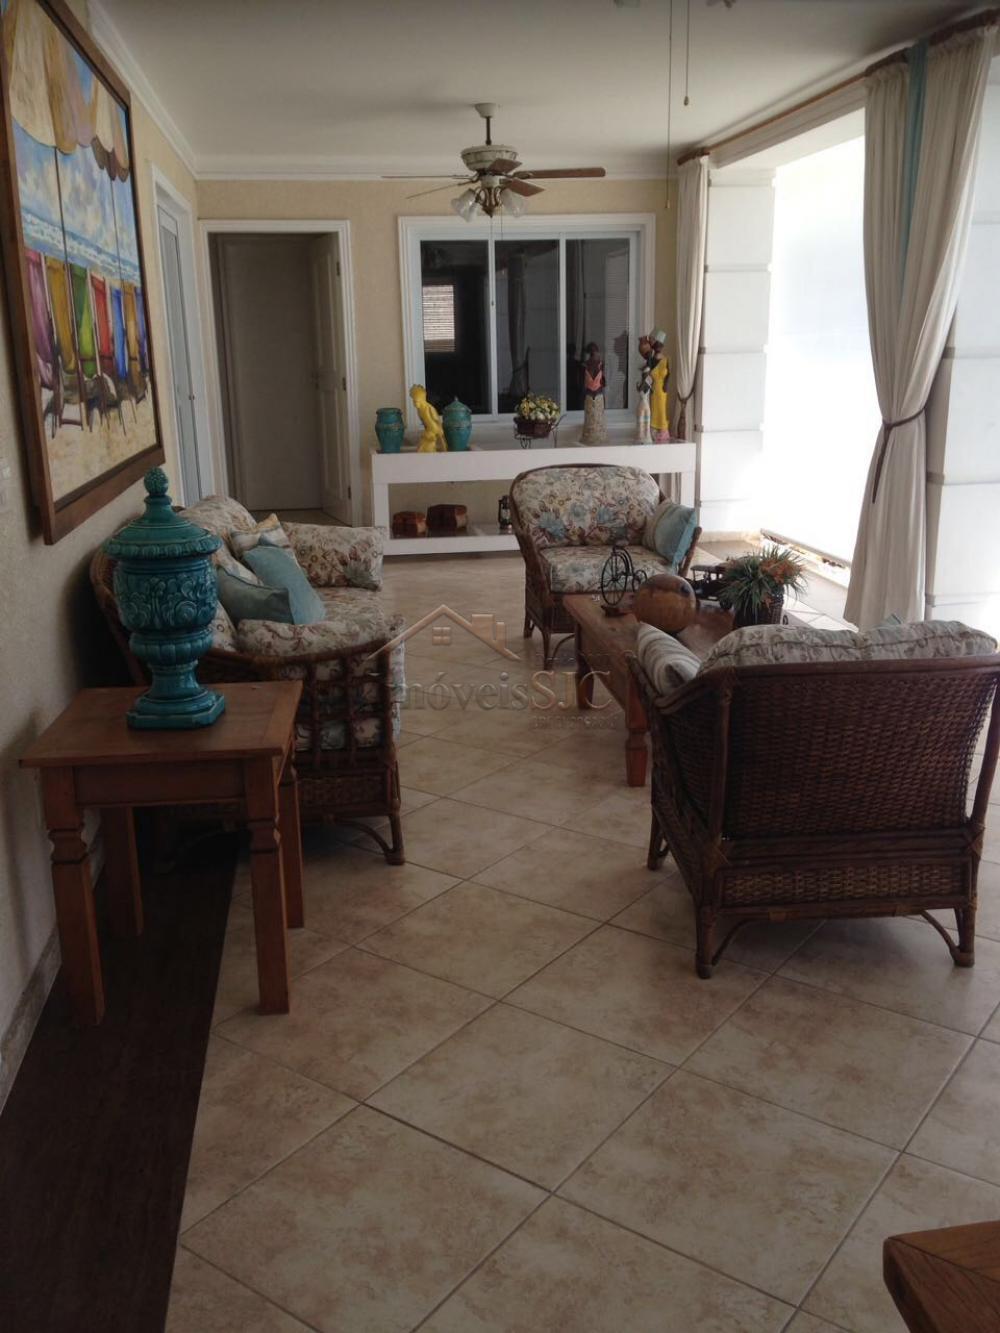 Comprar Casas / Condomínio em Jacareí apenas R$ 3.180.000,00 - Foto 2